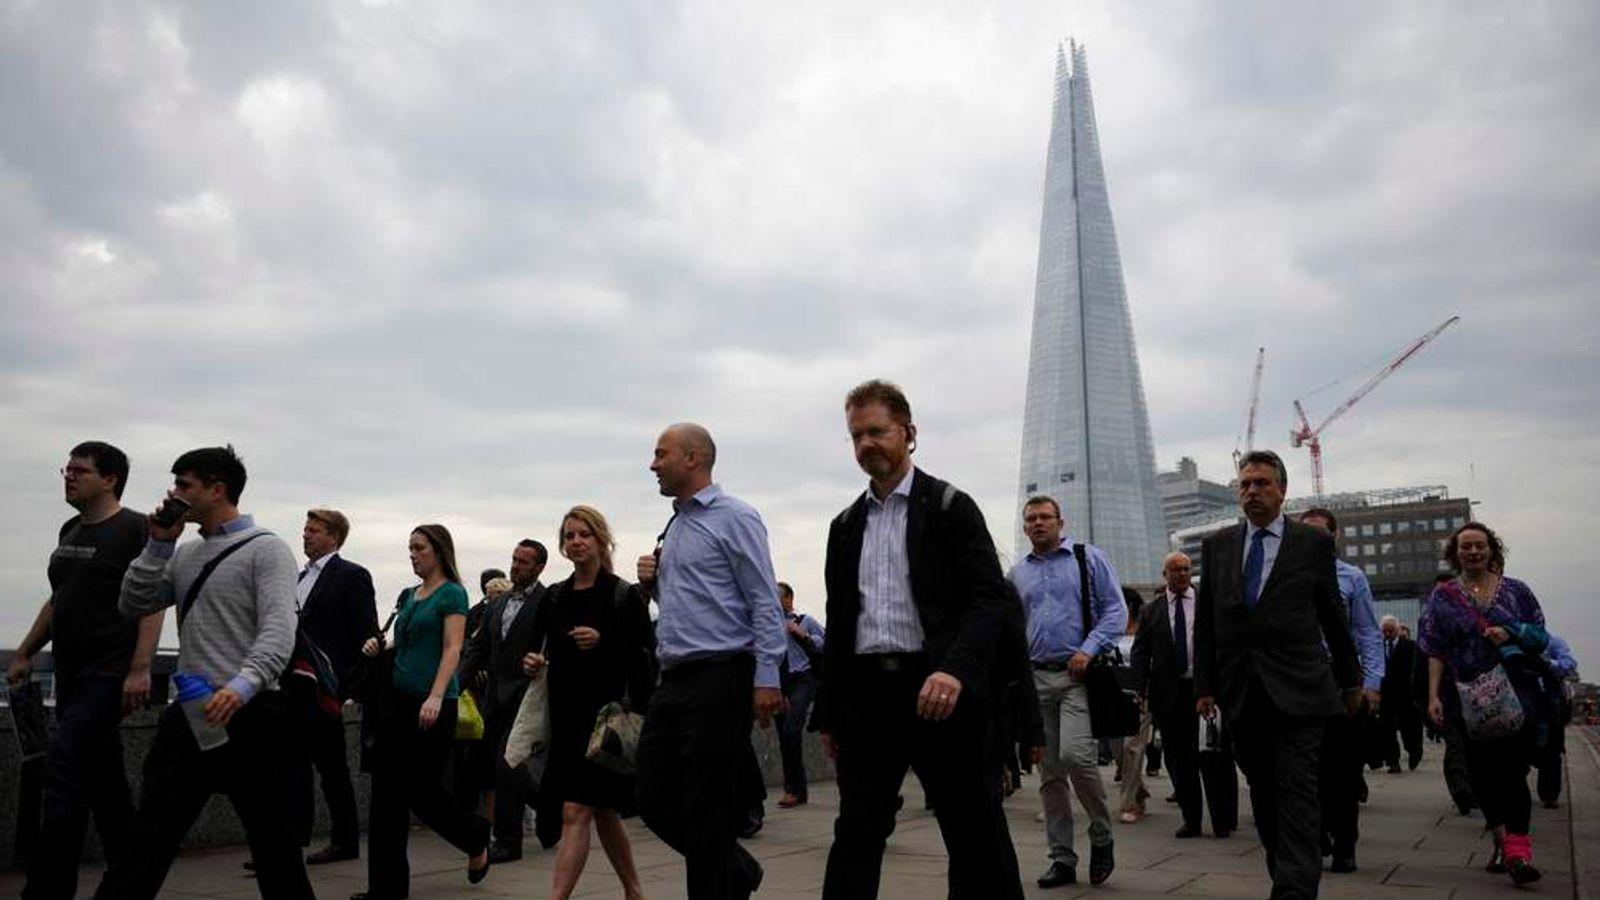 Commuters walk towards the financial district via London Bridge